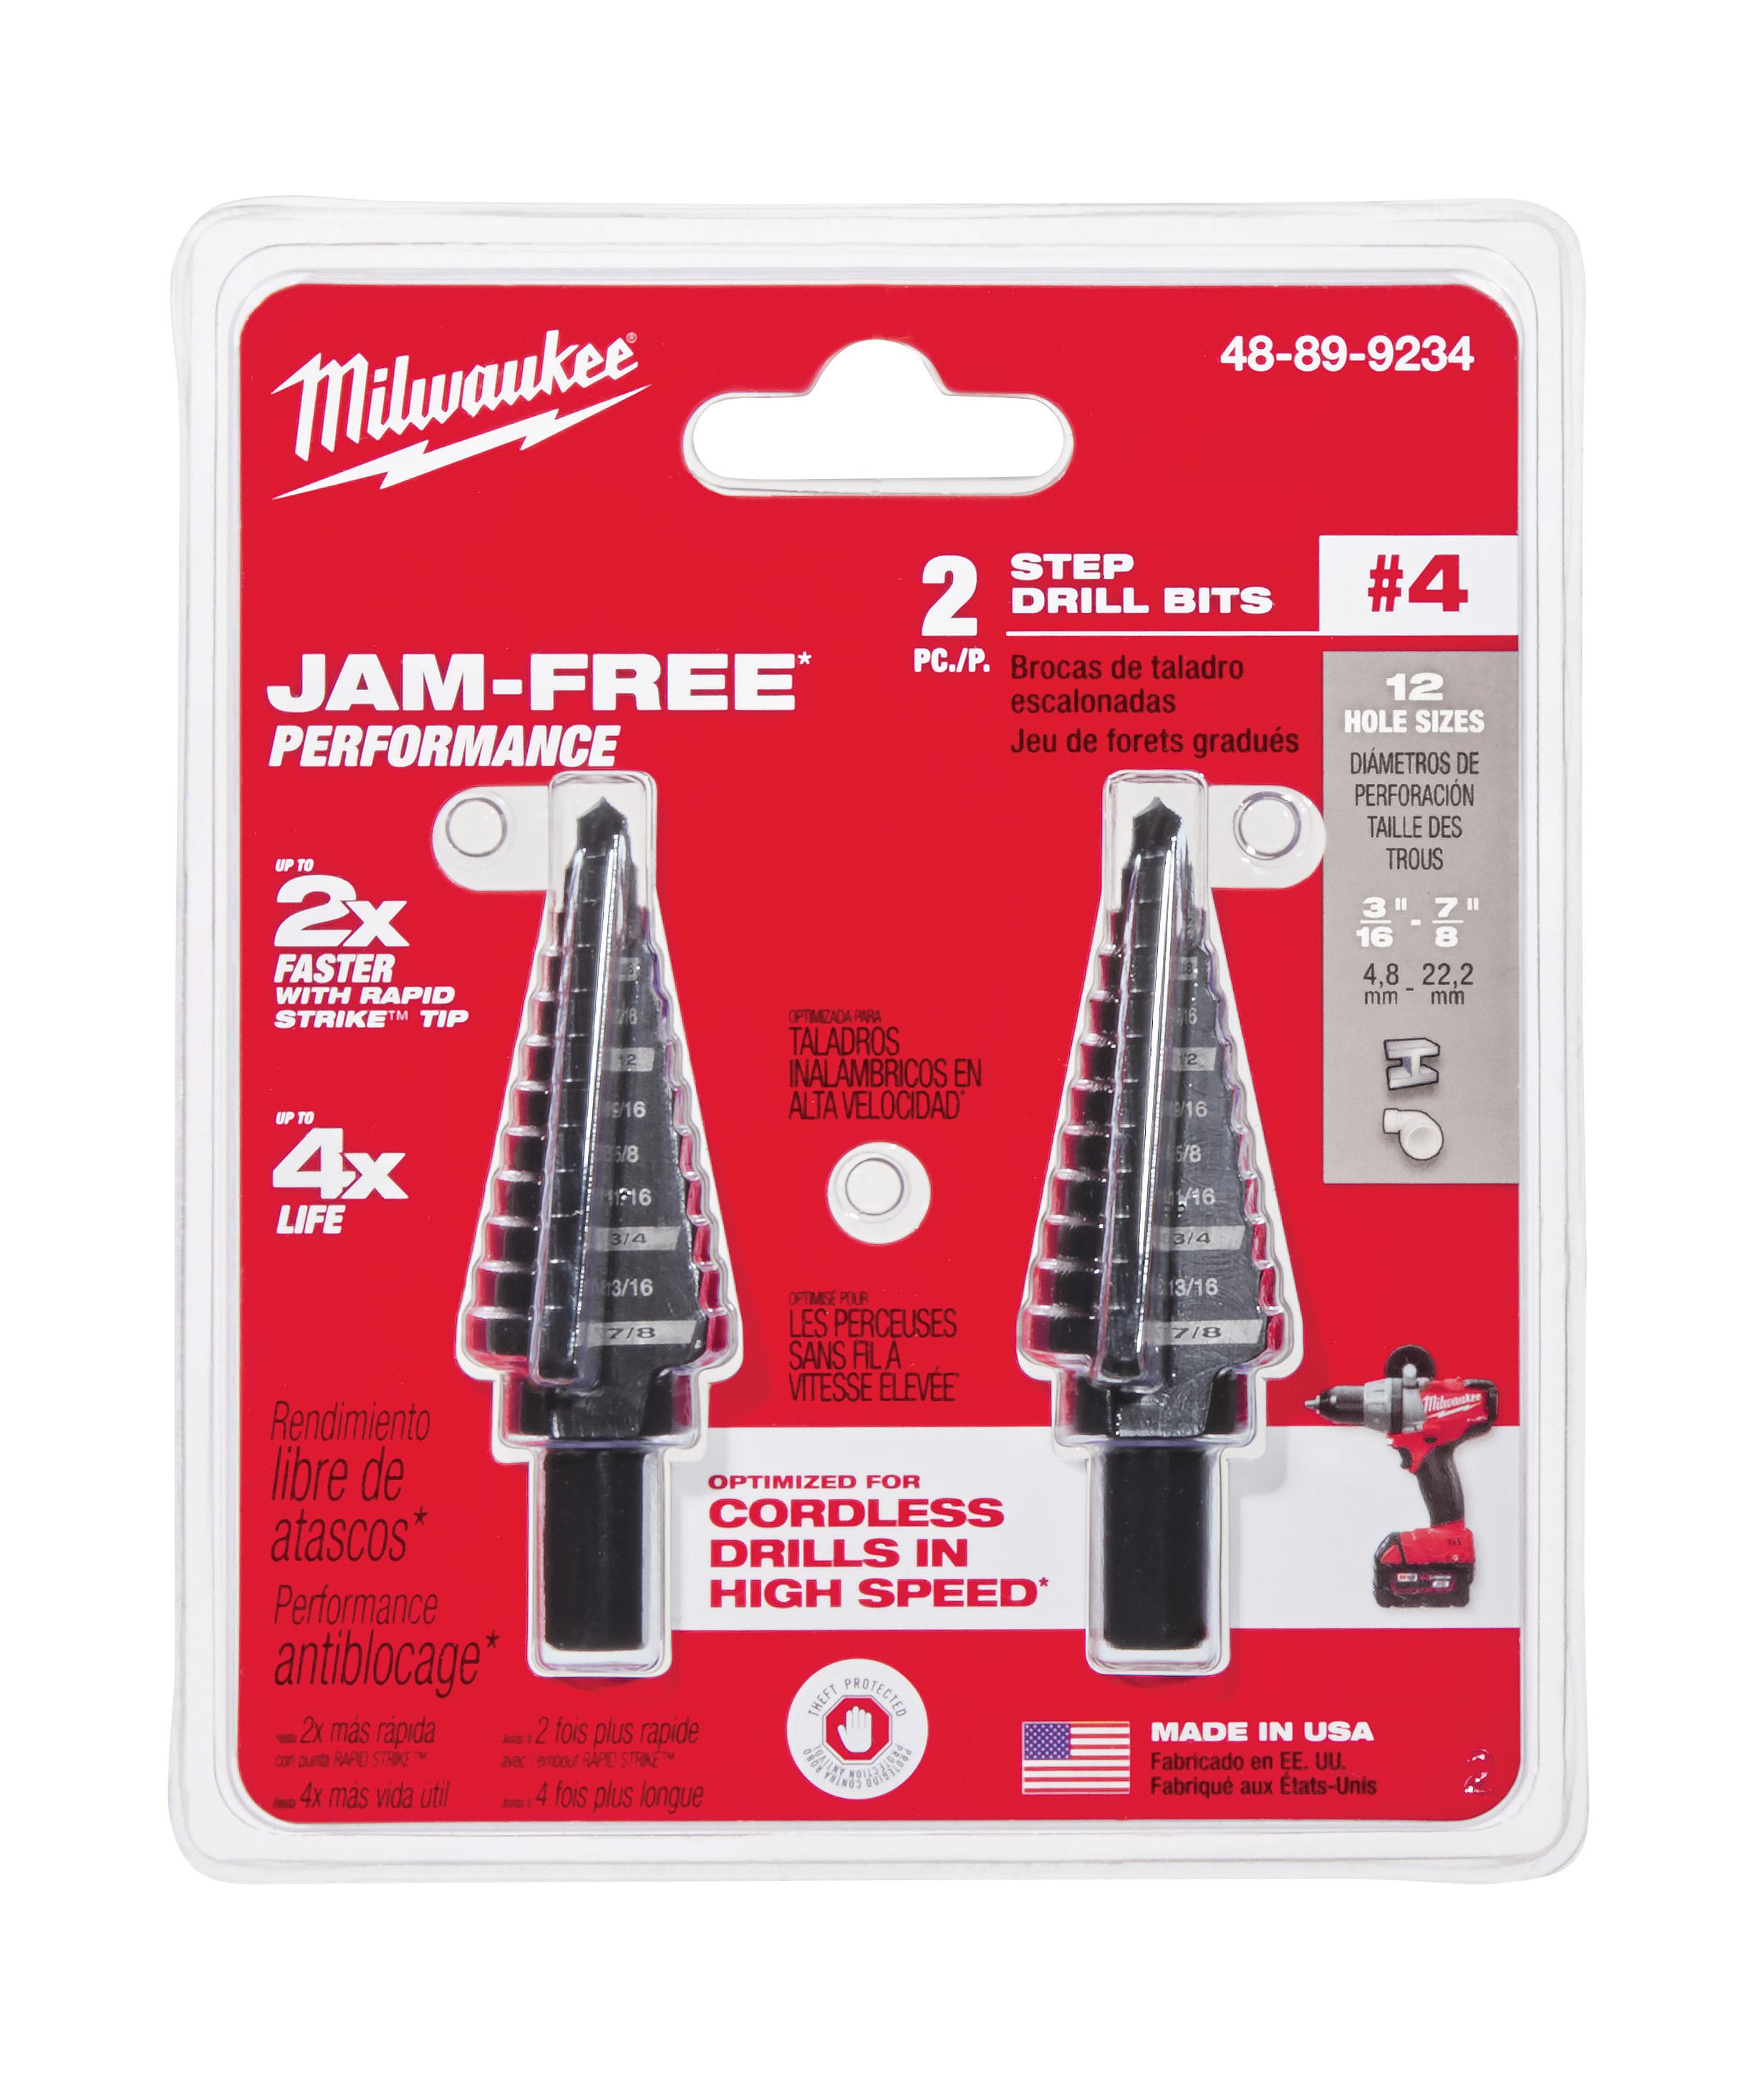 Milwaukee® 48-89-9234 Step Drill Bit Set, #4 Max Drill Bit, 2 Pieces, Black Oxide